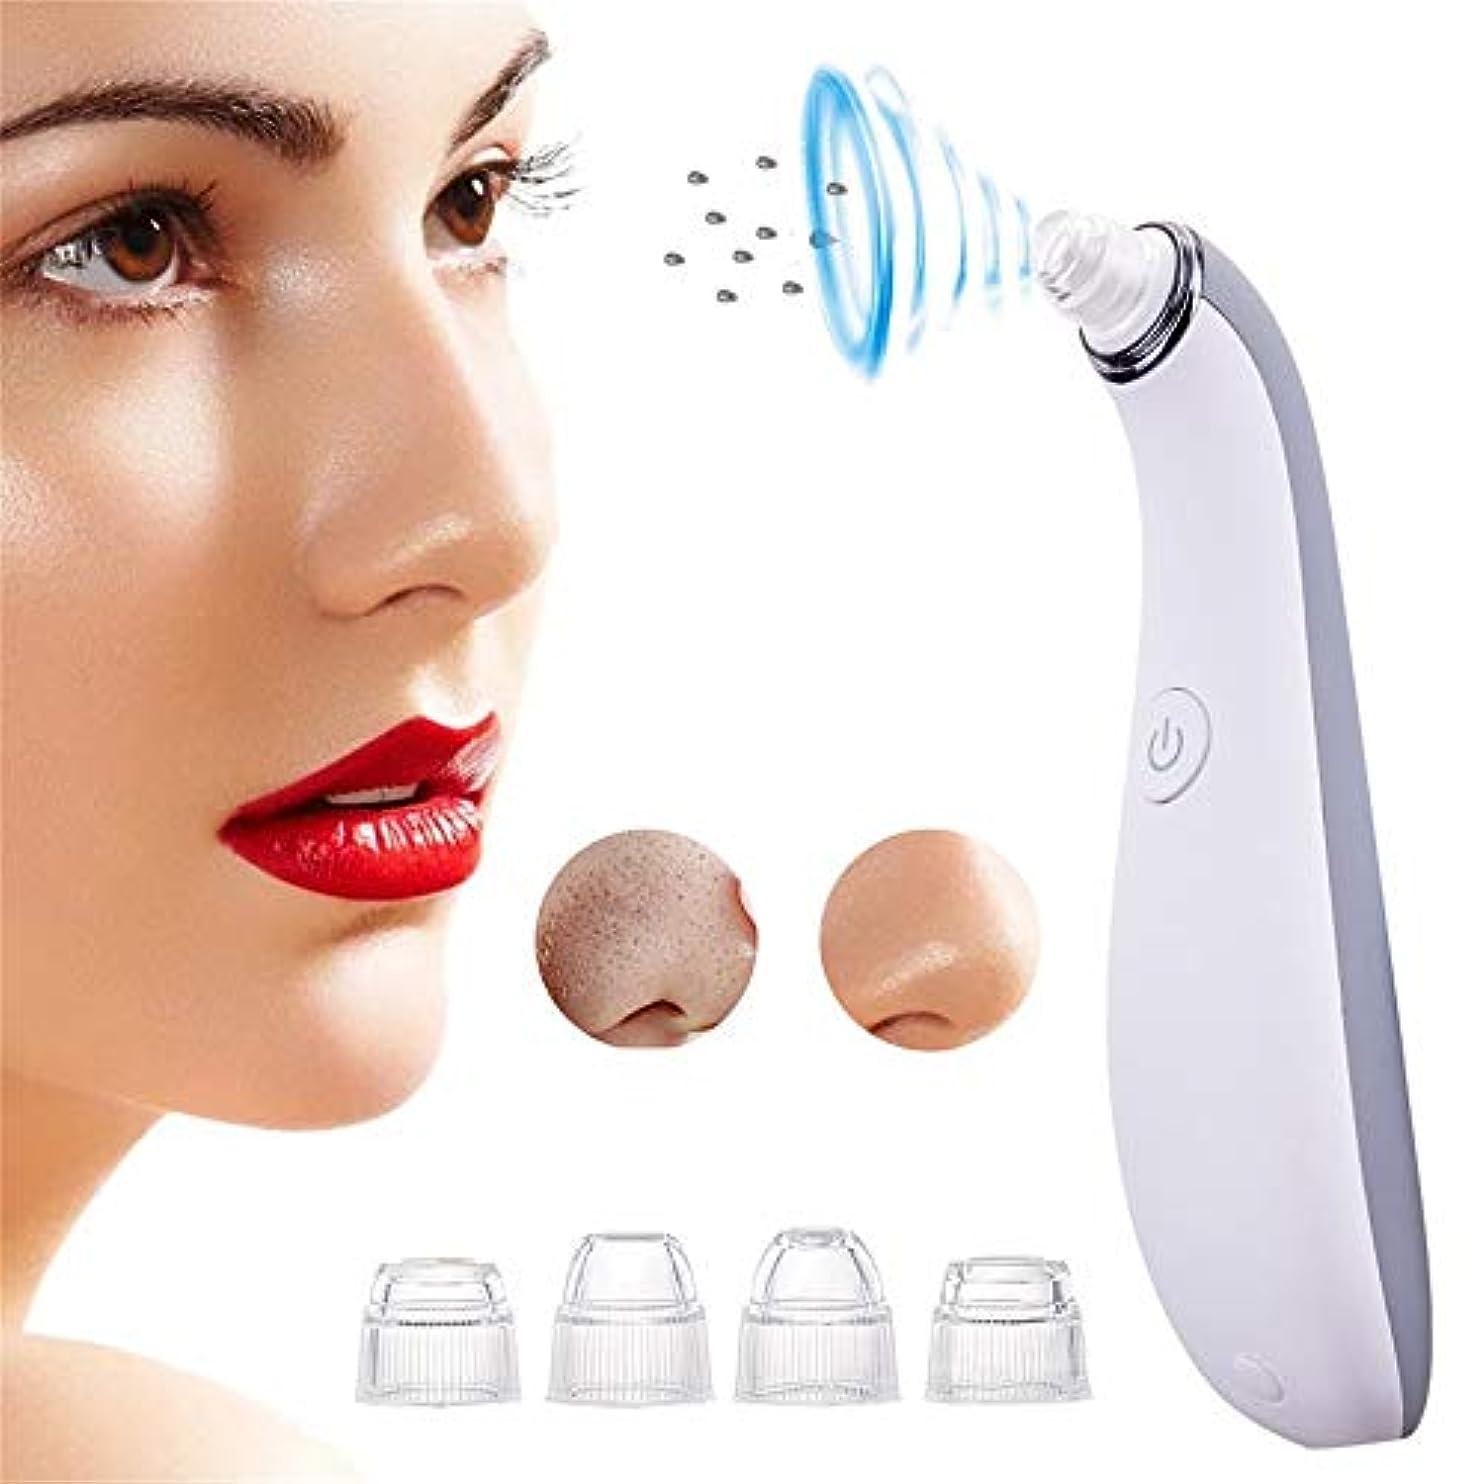 ダム医薬品まどろみのあるにきびリムーバー電気にきび掃除機強力な吸引USB 4つの多機能プローブで充電可能4つの調節可能なレベルにきびと顔の毛穴きれいな女性男性